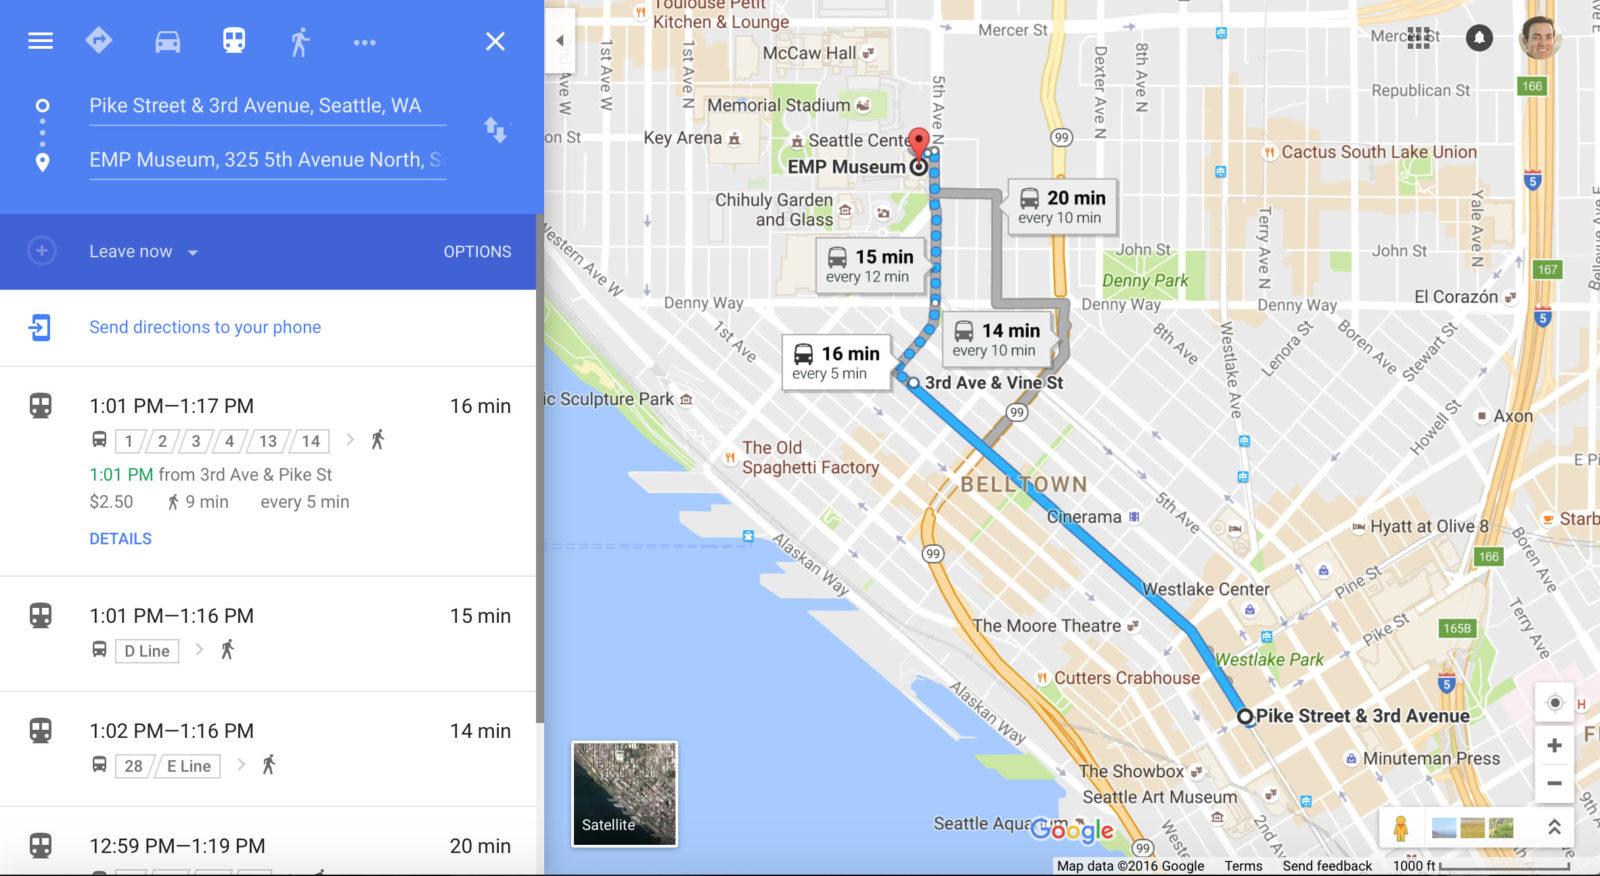 public transit route on Google Maps